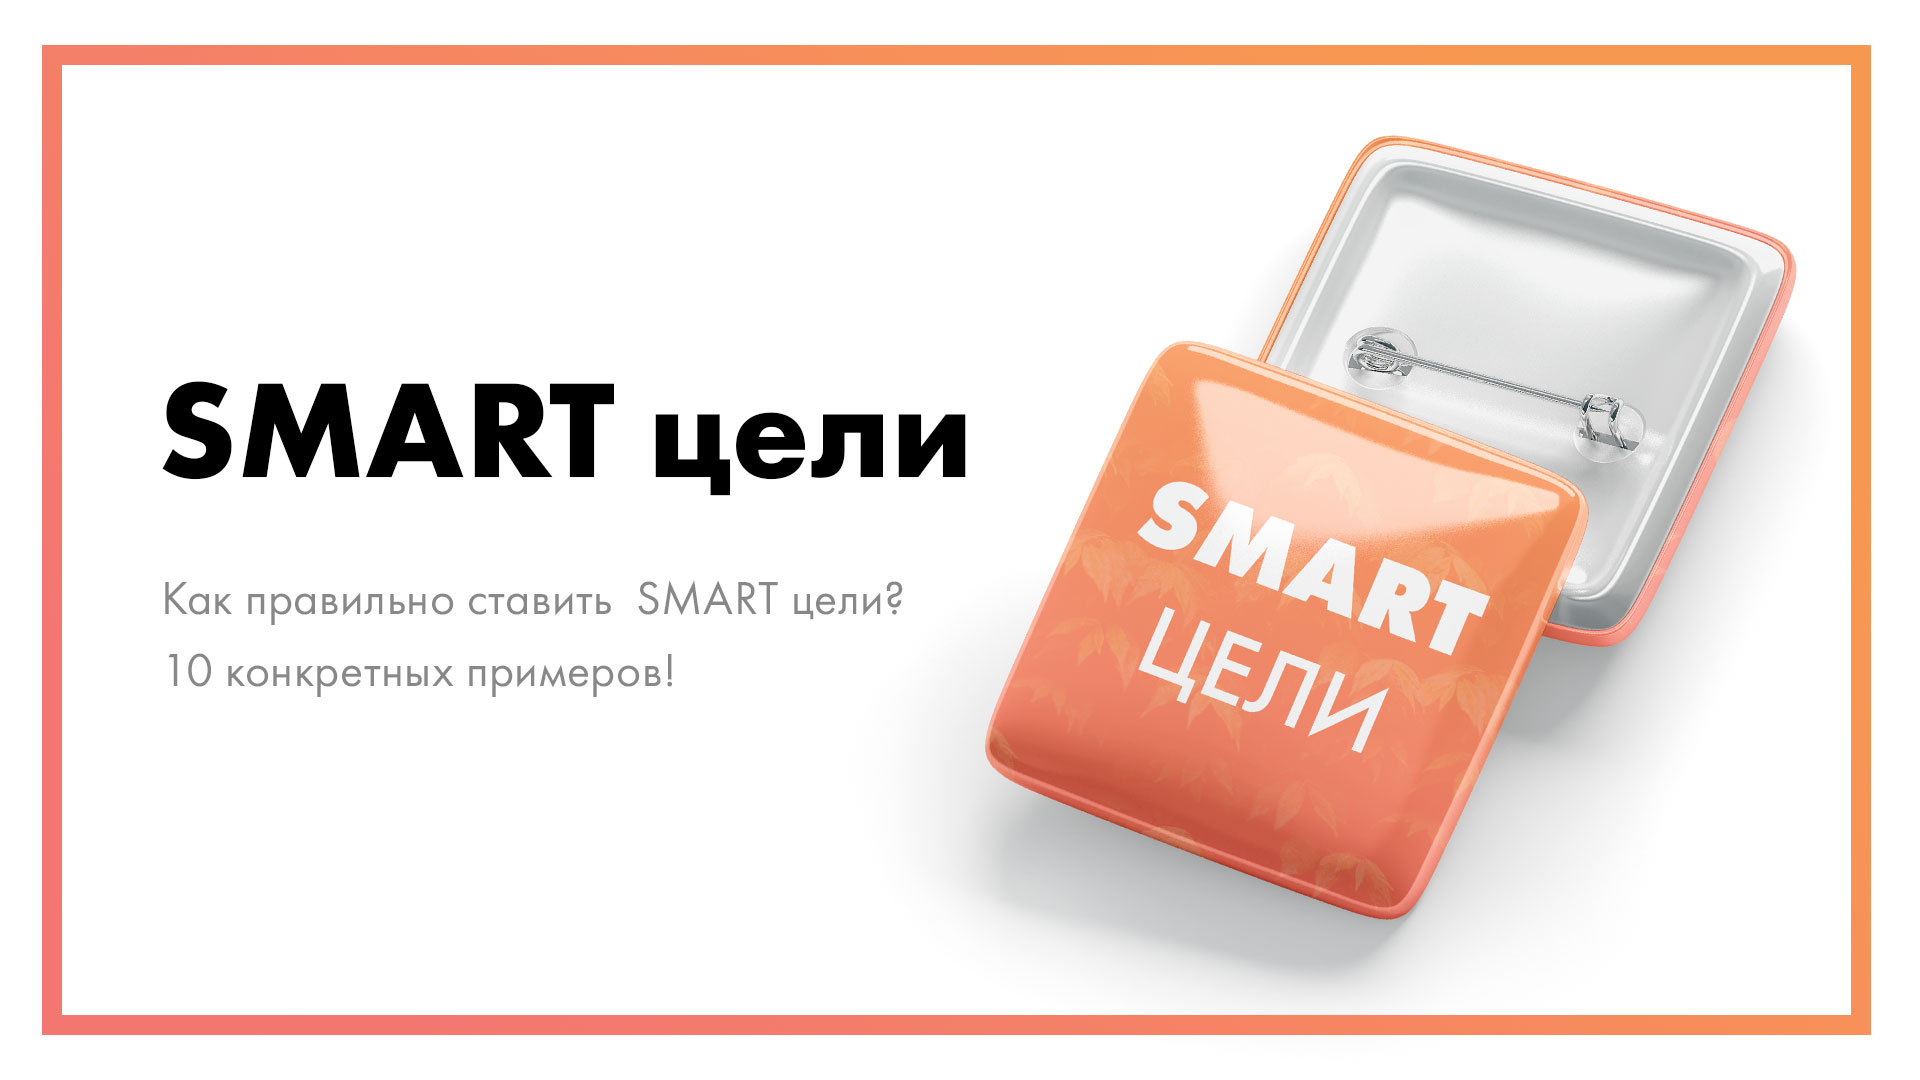 SMART-цели---как-правильно-ставить-_-10-конкретных-примеров.jpg